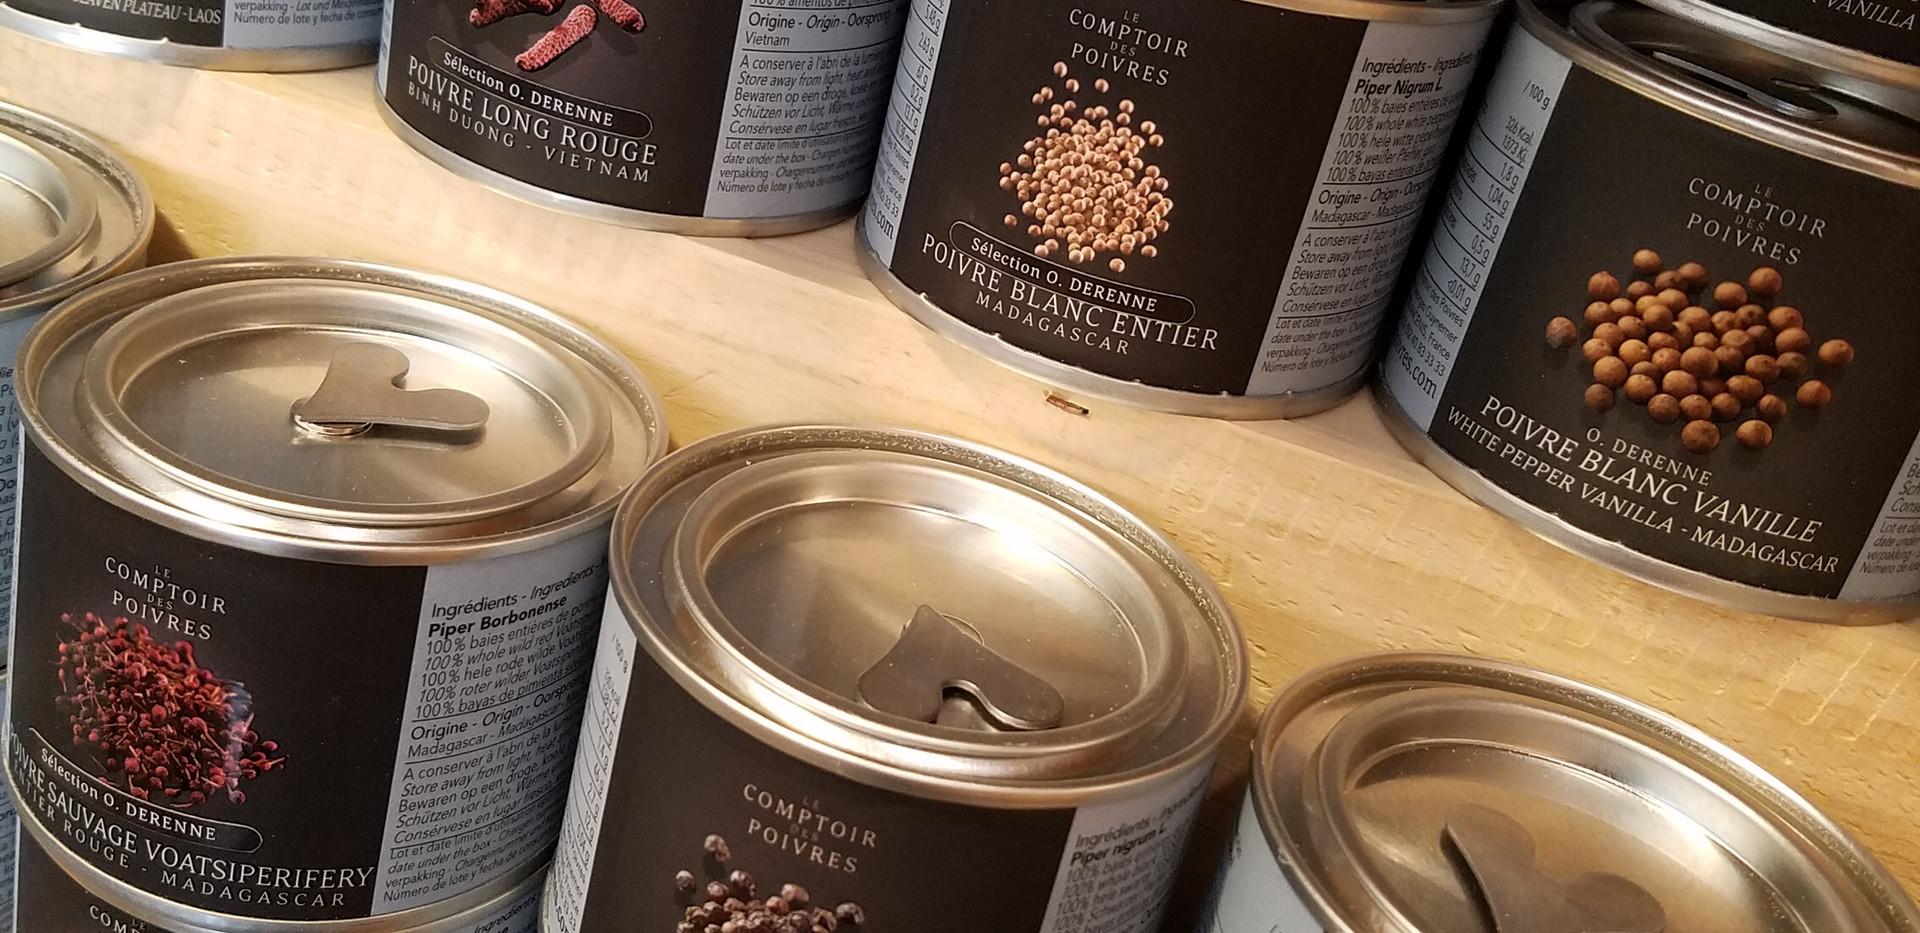 le Comptoir des poivres